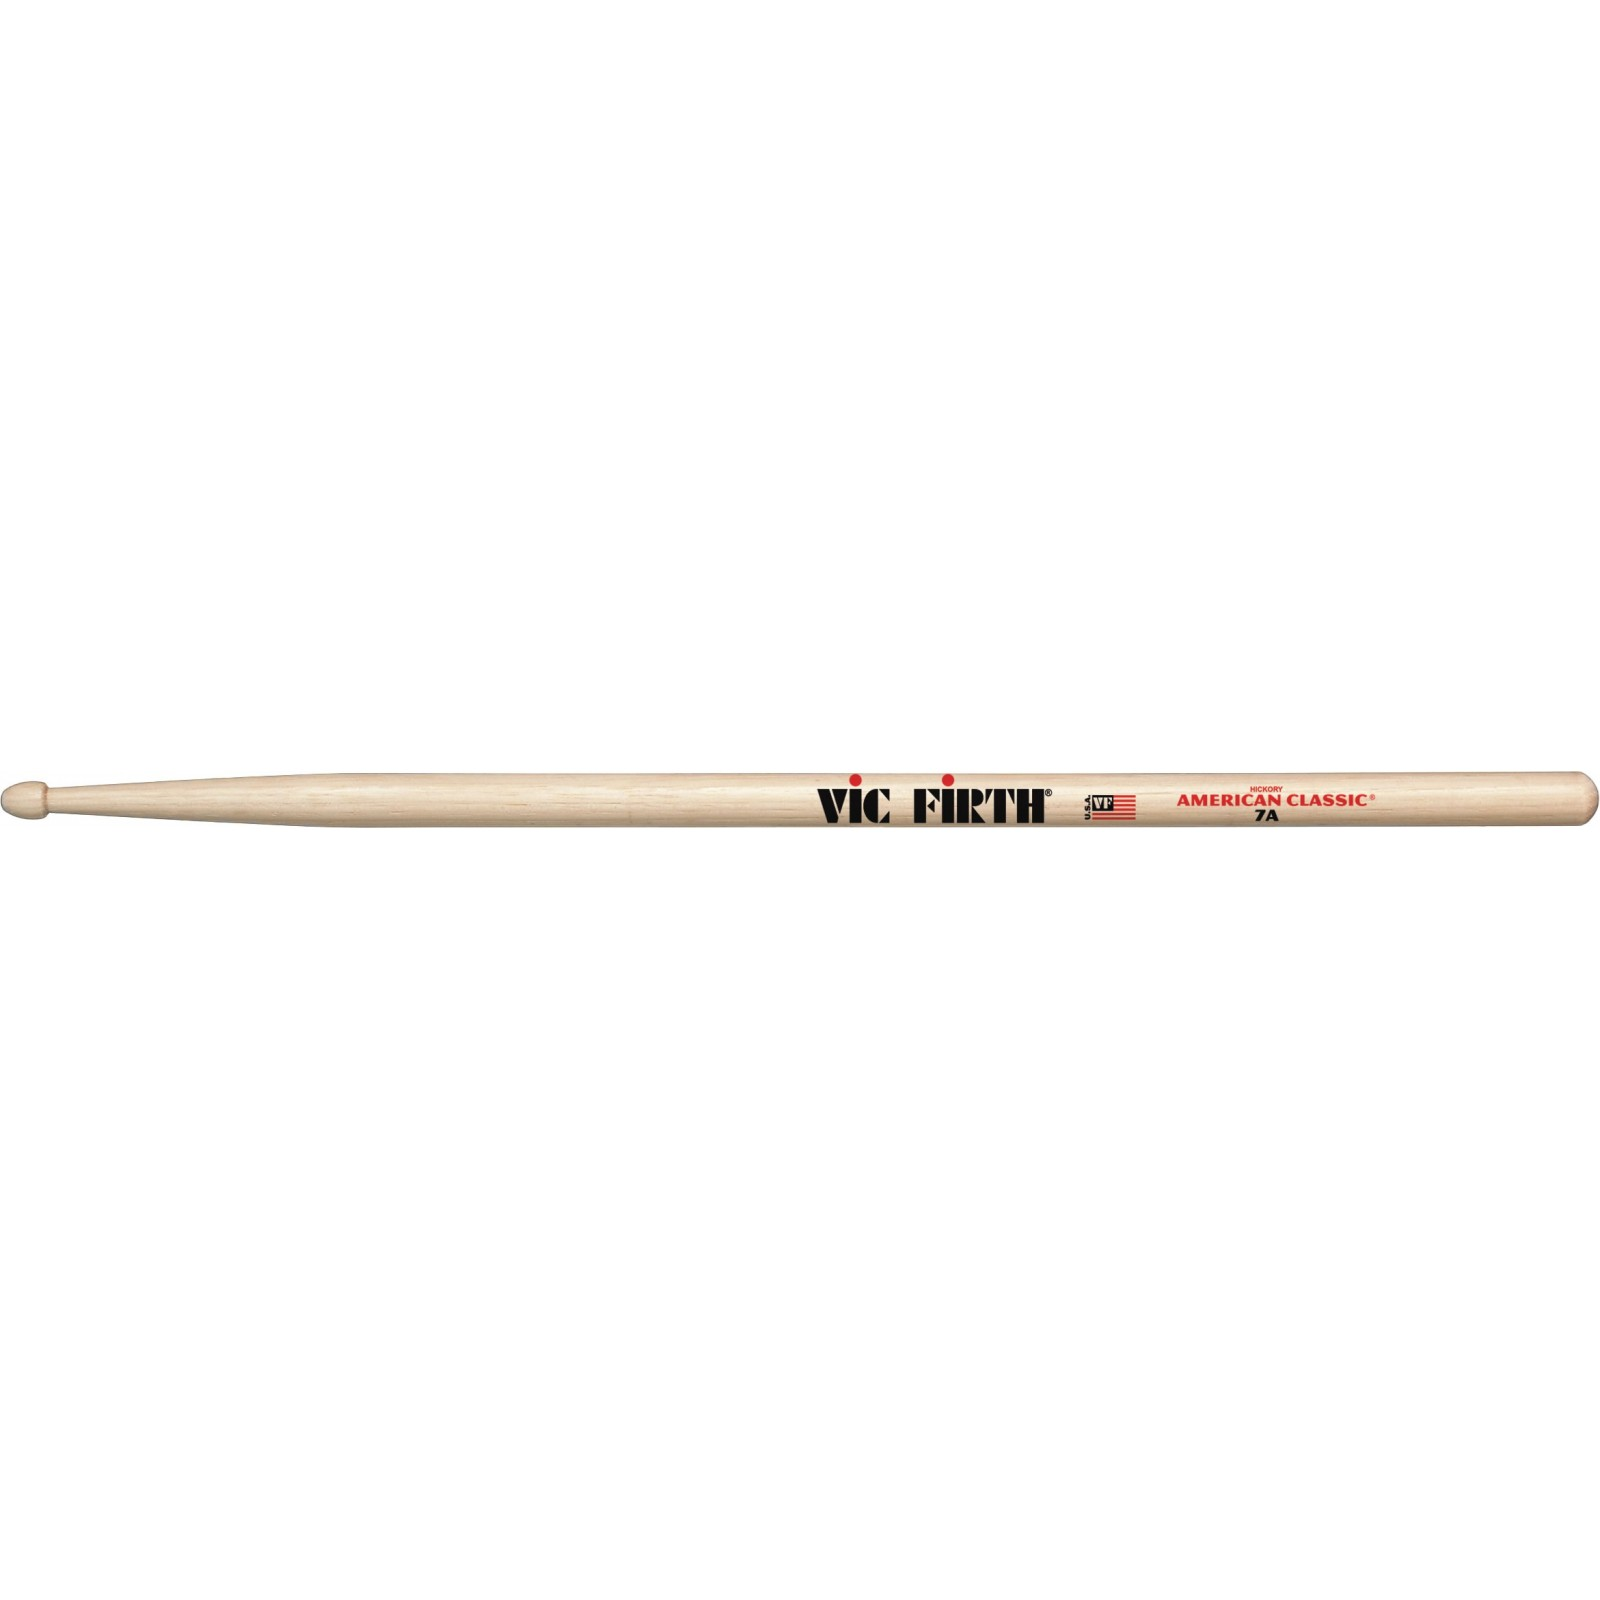 7A Vic Firth American Classic Drum Stick 7A